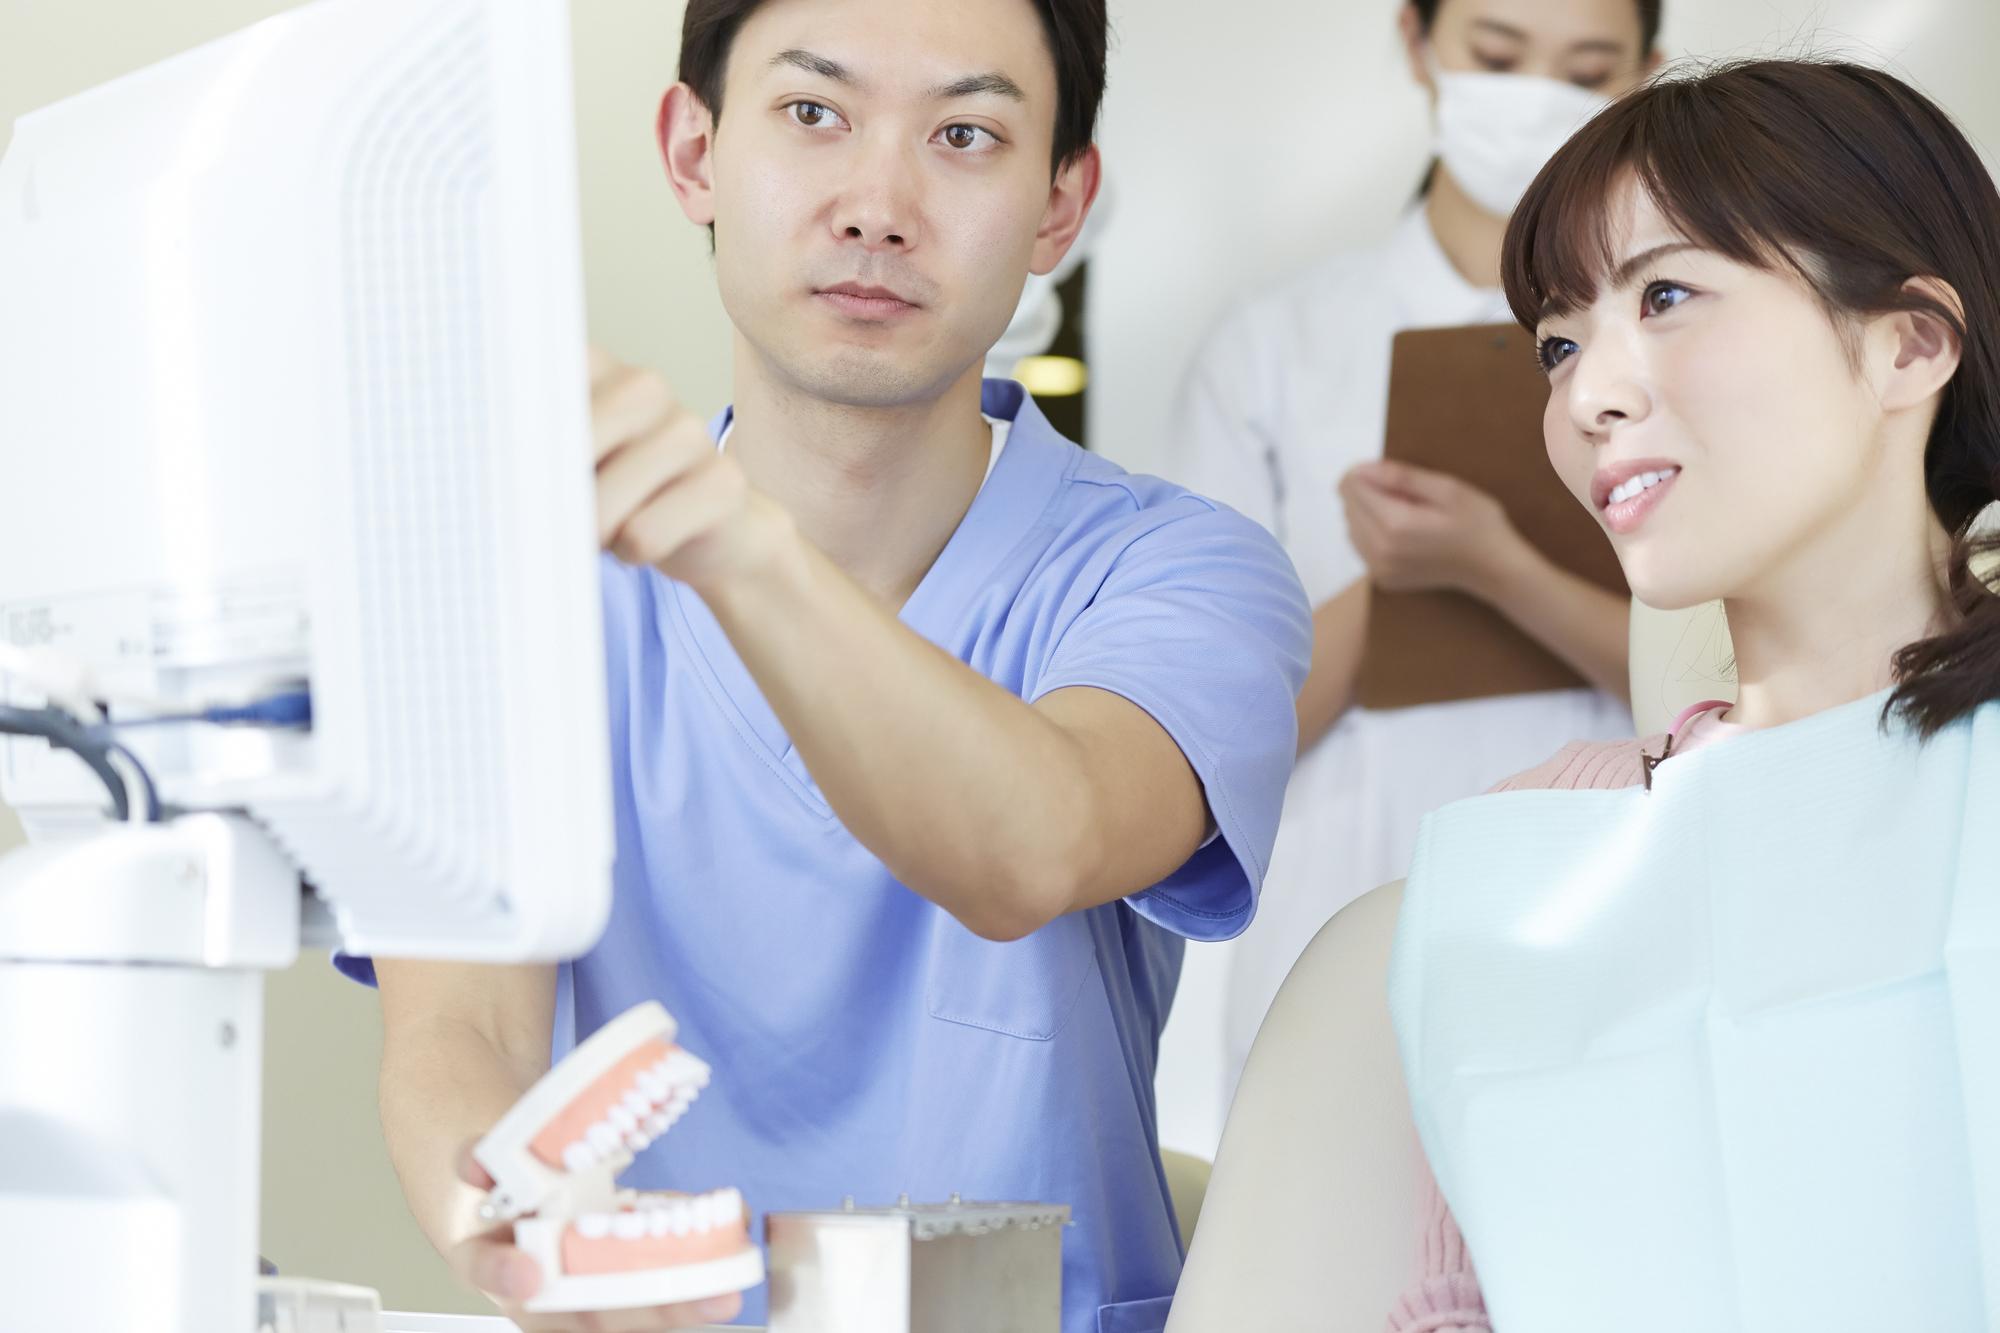 歯科治療の説明を聞く女性患者